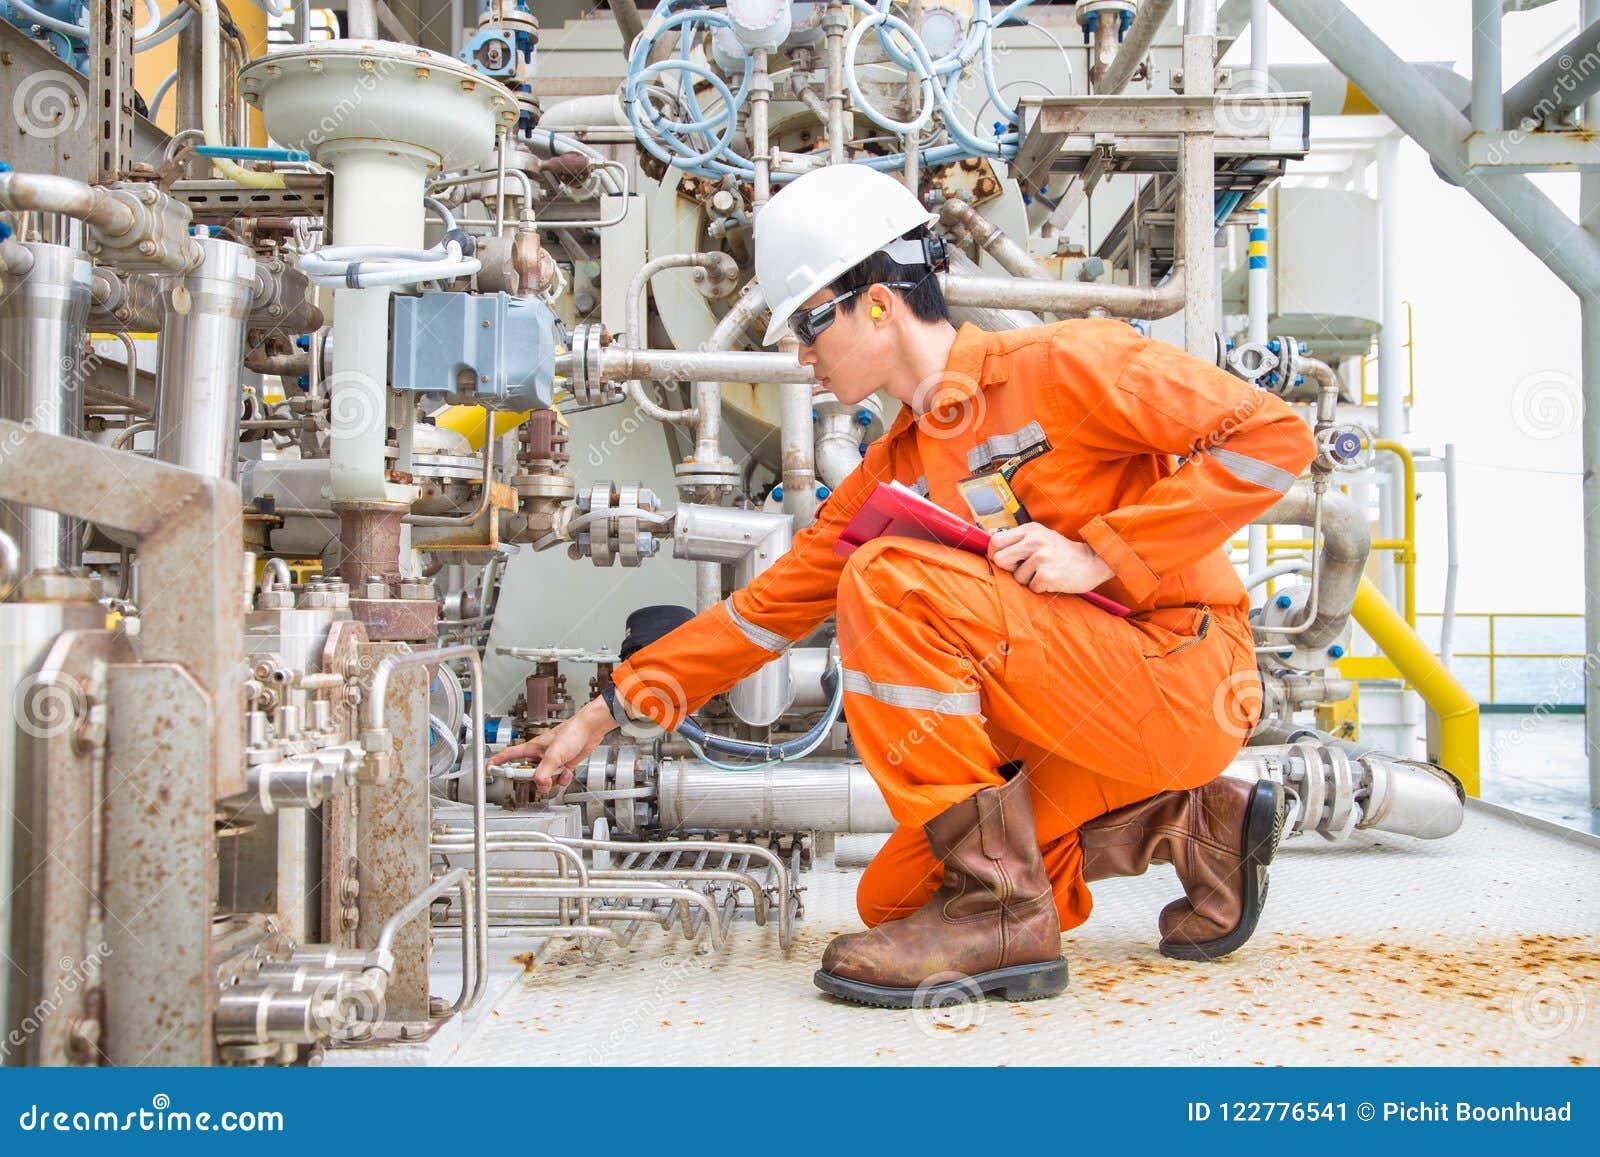 Mechanische inspecteursinspectie op de compressor van de gasturbine om een abnormale voorwaarde te vinden